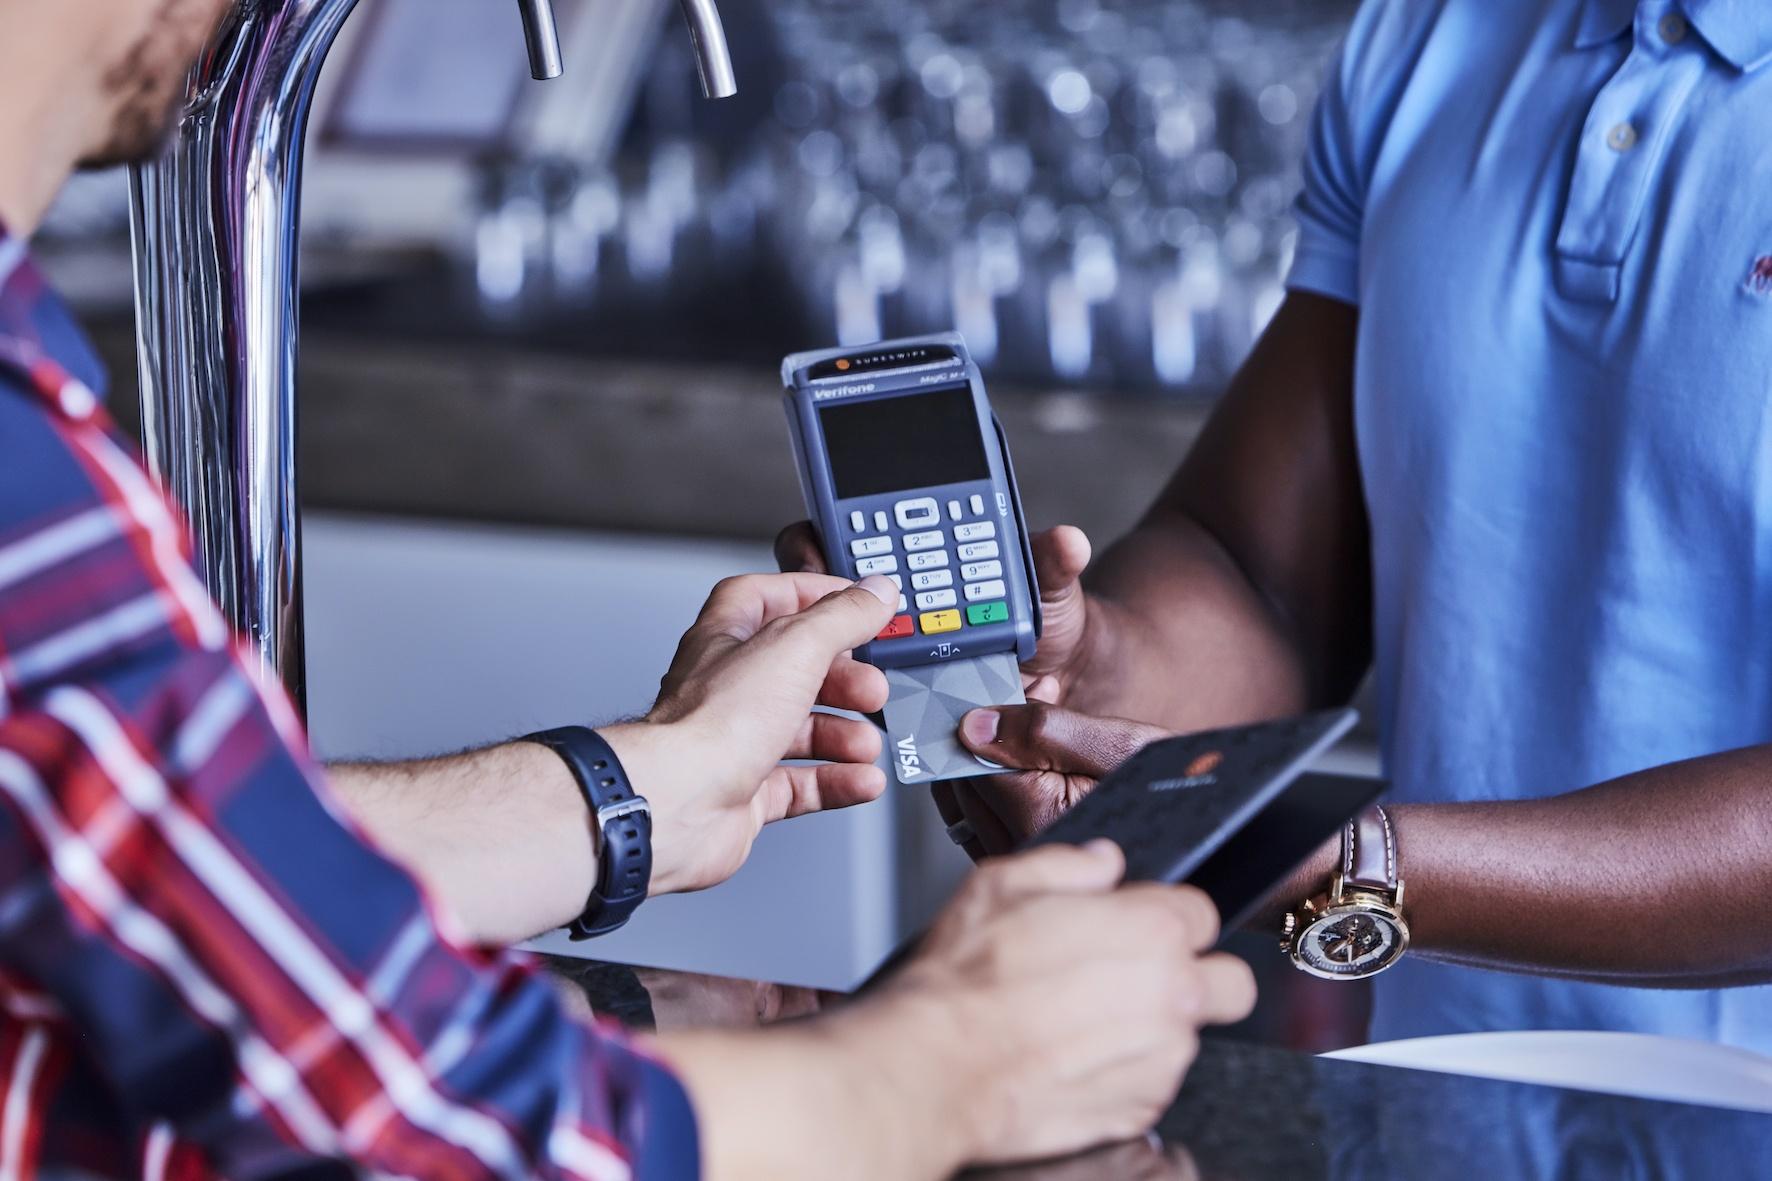 Afrique du Sud : Adumo va élargir l'accès aux solutions de paiement électronique